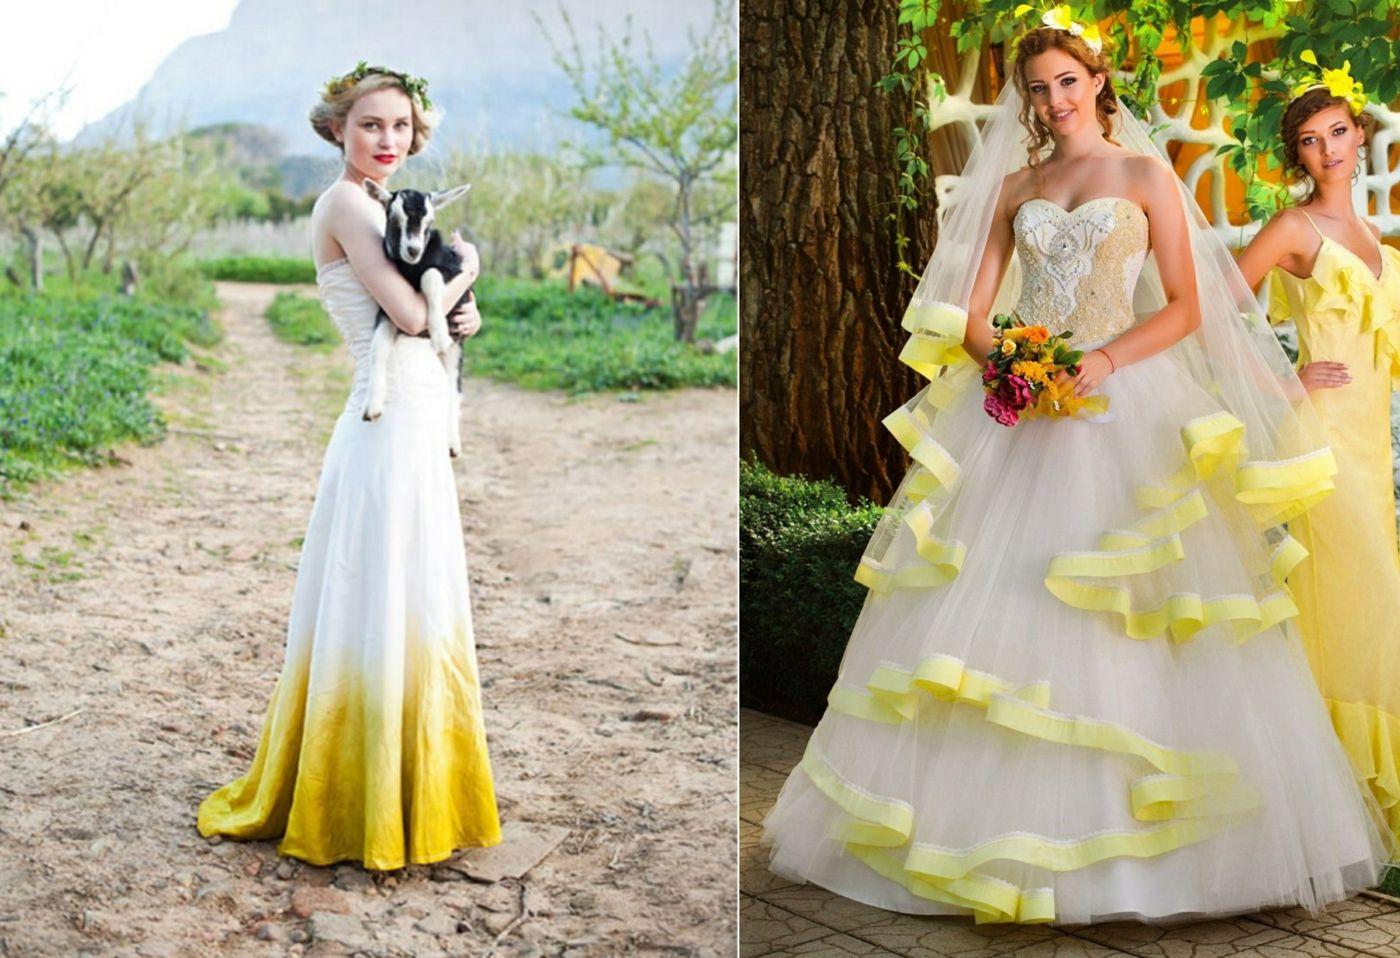 Gelb als Akzent im weißen #Brautkleid für Ombre-Effekt oder für